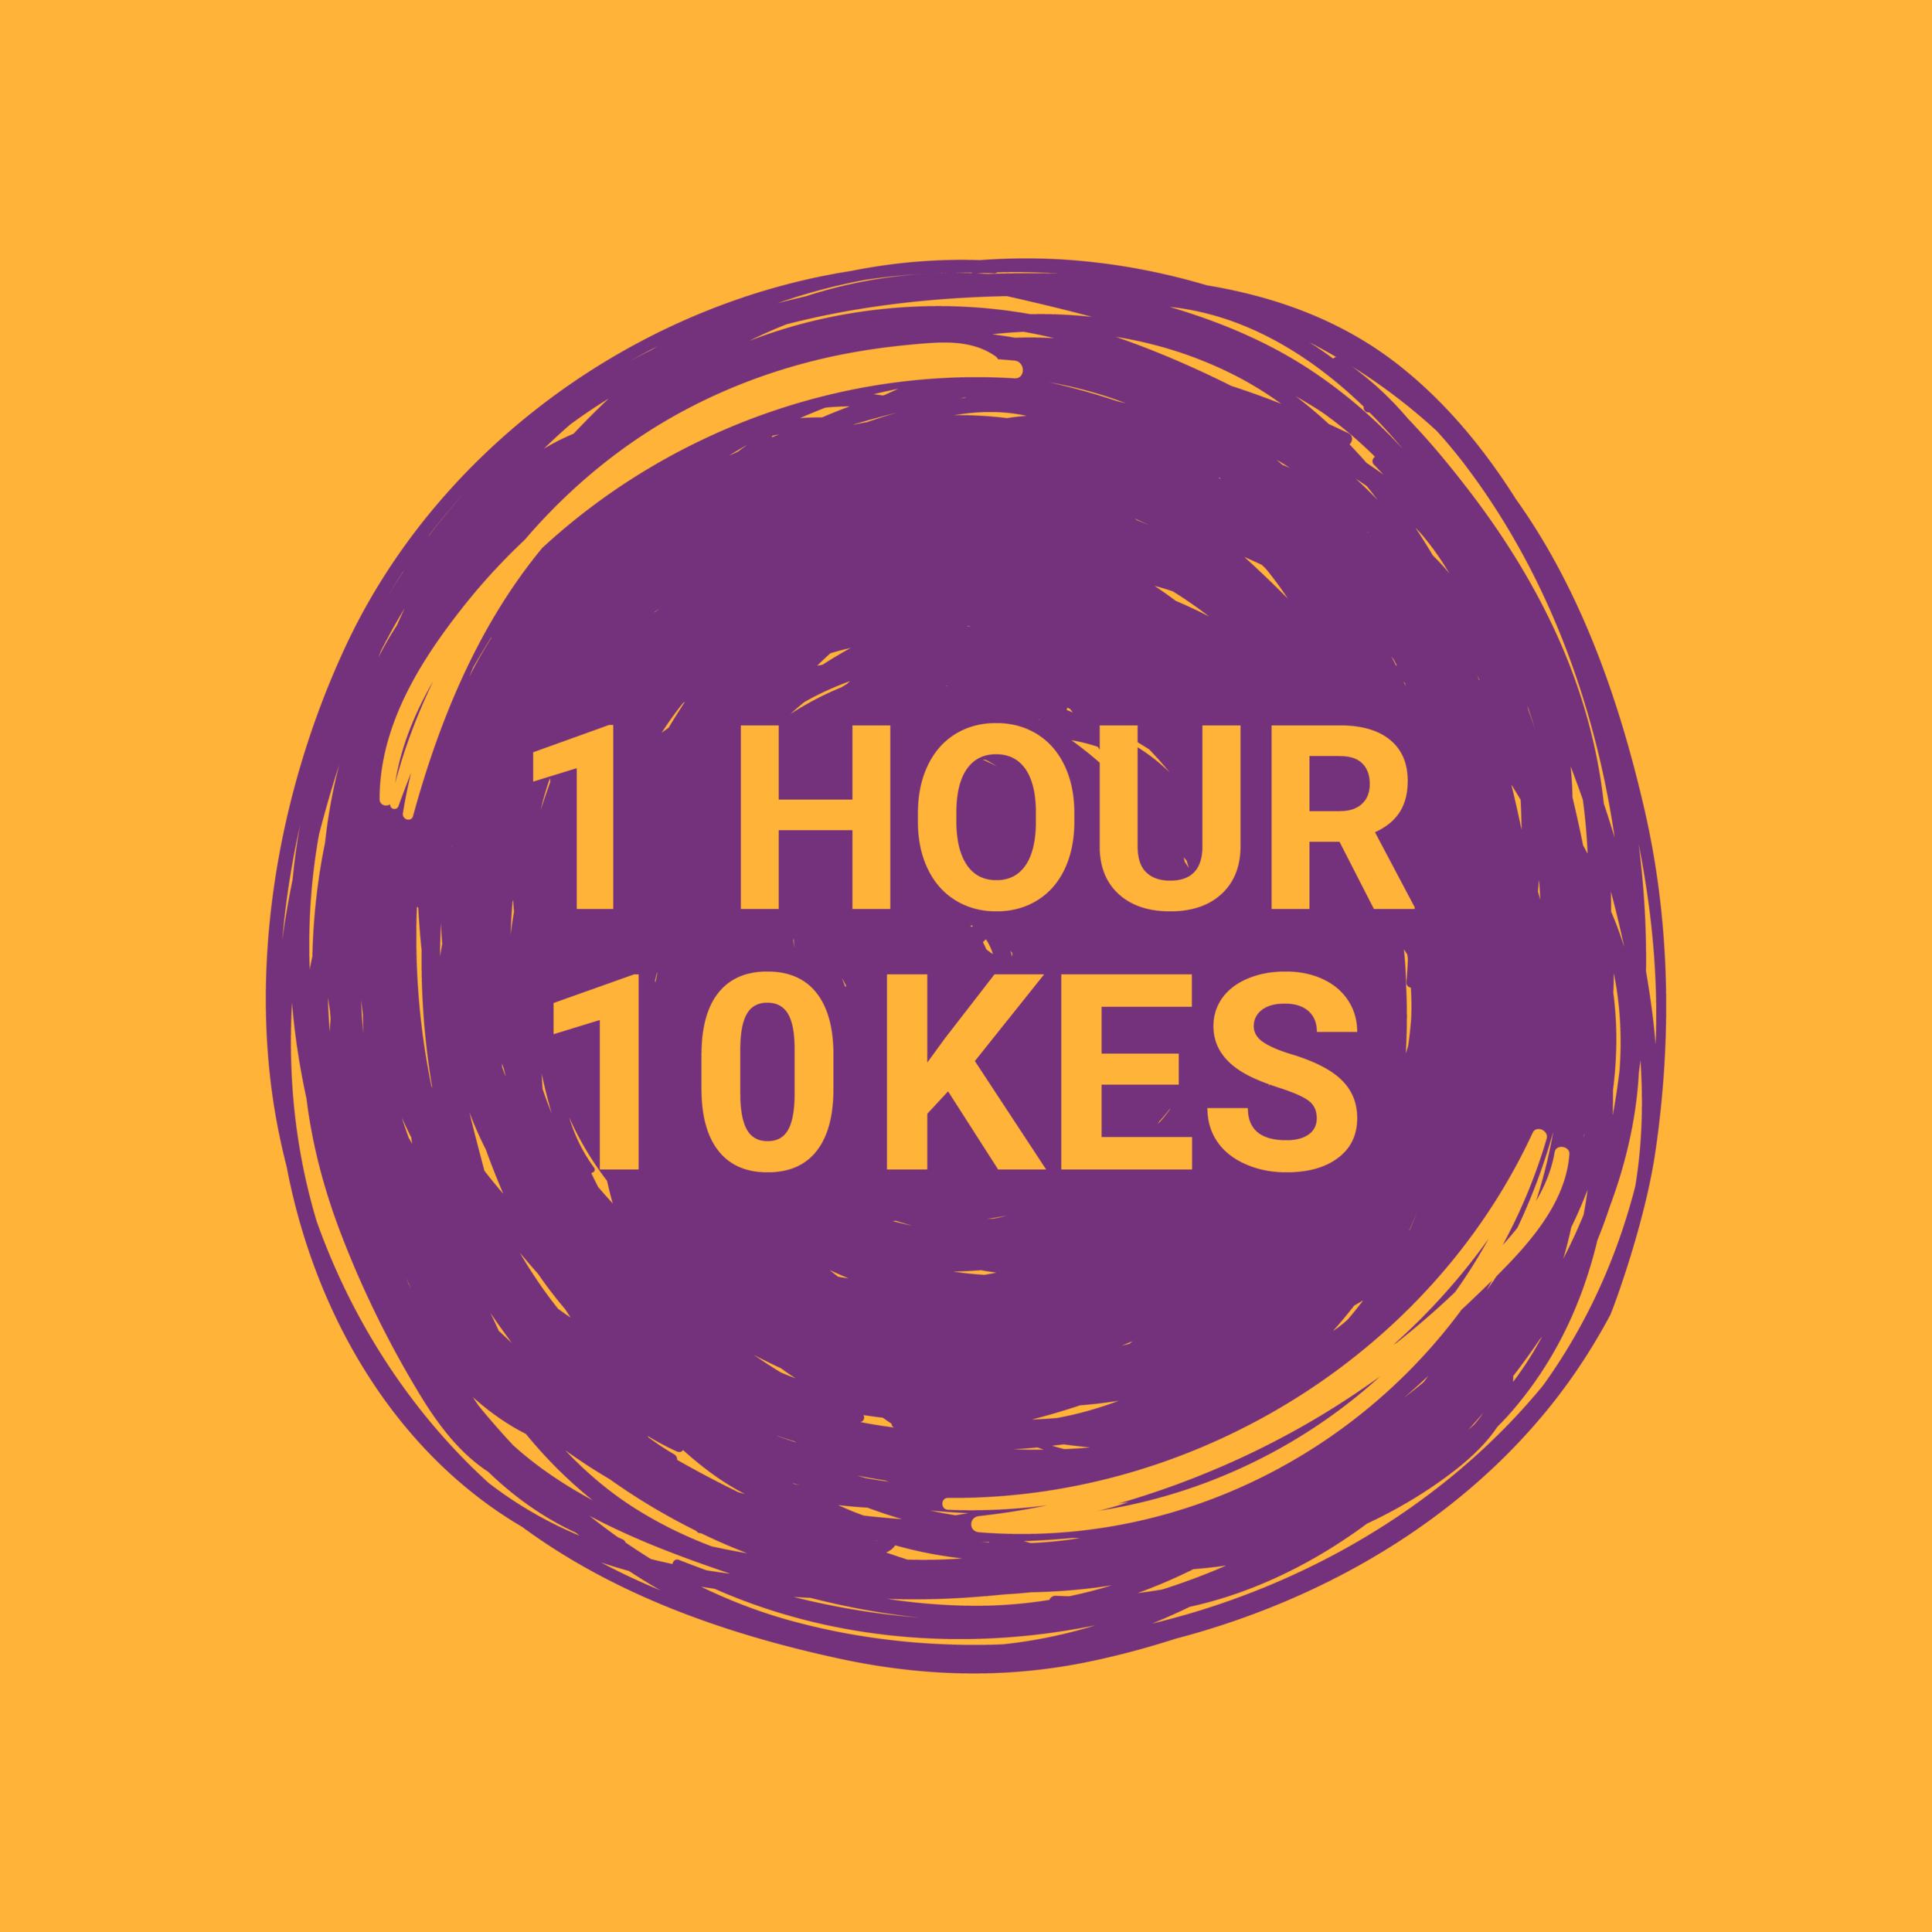 POA_Wifi lozenges_idea 1 hour.png